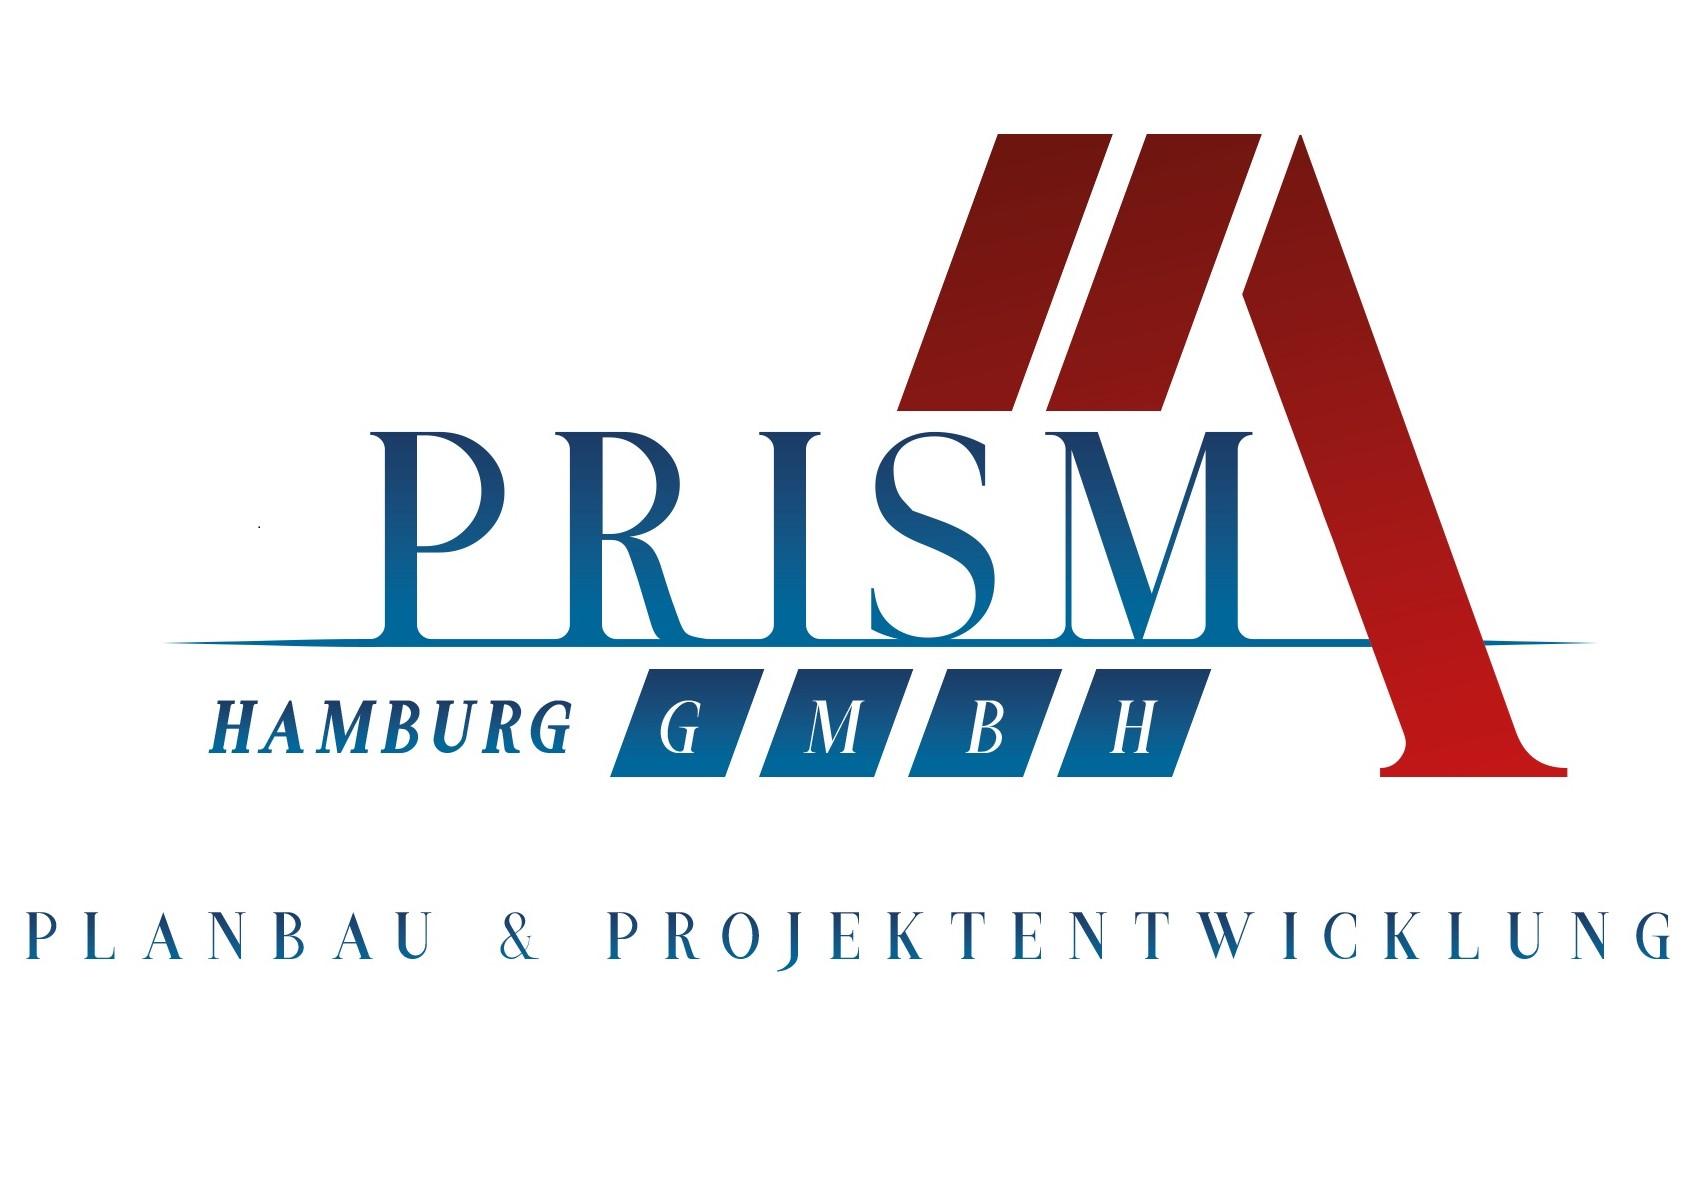 Prisma- Hamburg GmbH